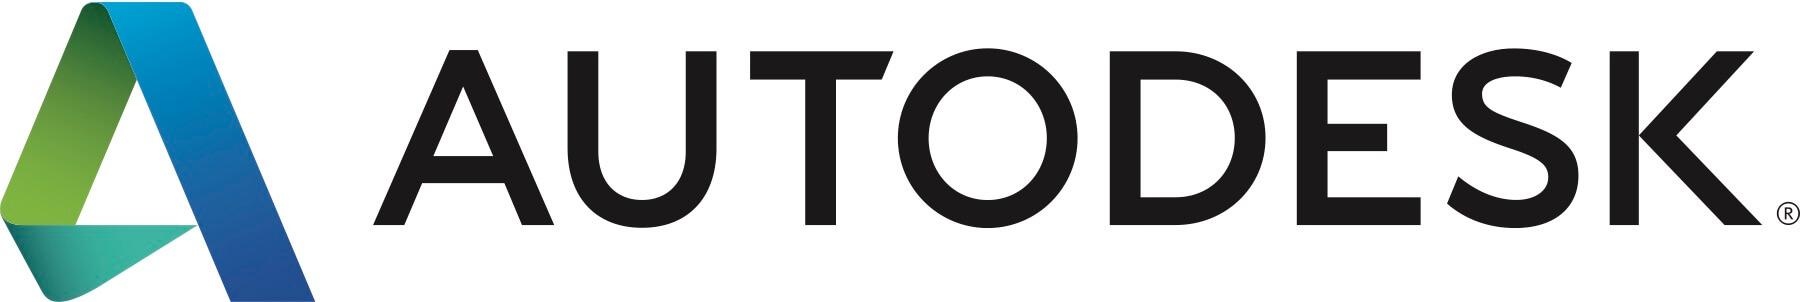 autodesk-logo-color-text-black-cmyk-large